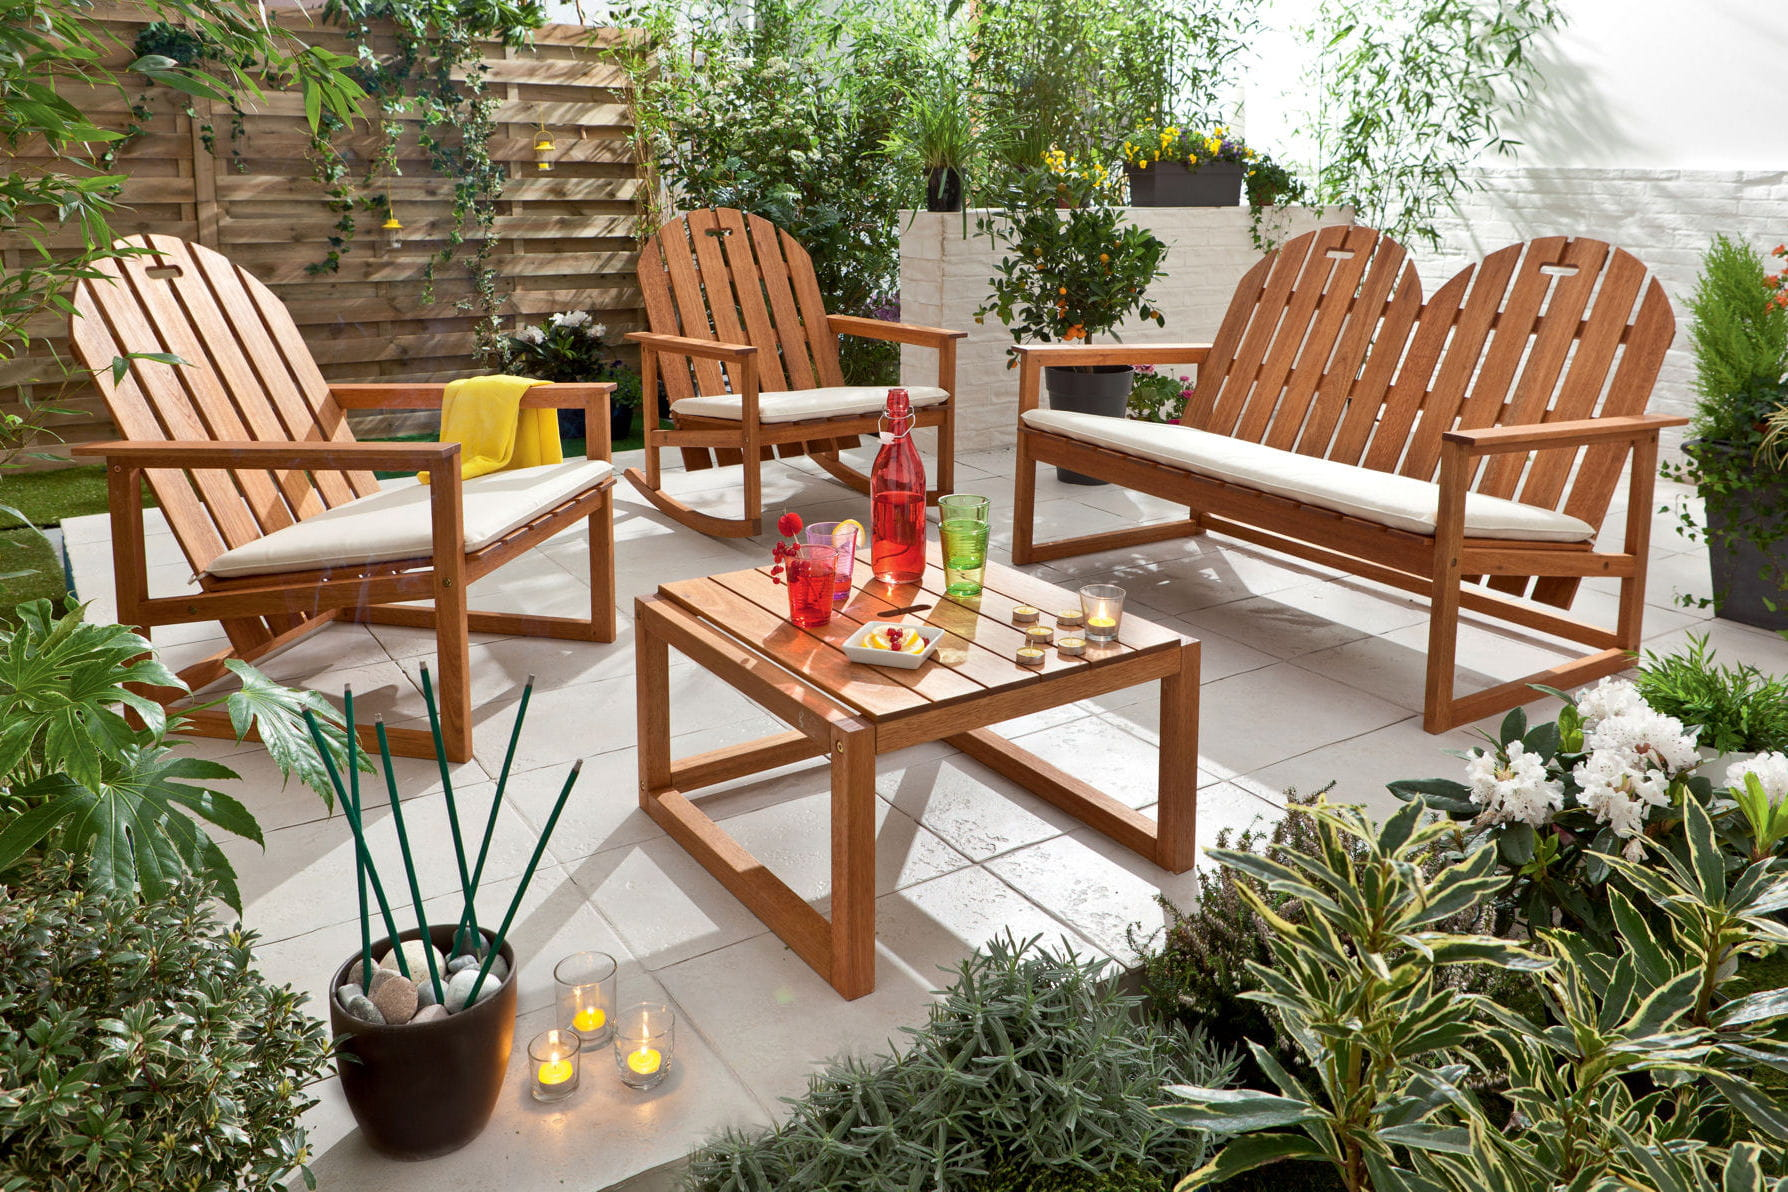 Salon de jardin piochez dans notre s lection moins de - Ou trouver des coussins pour salon de jardin ...